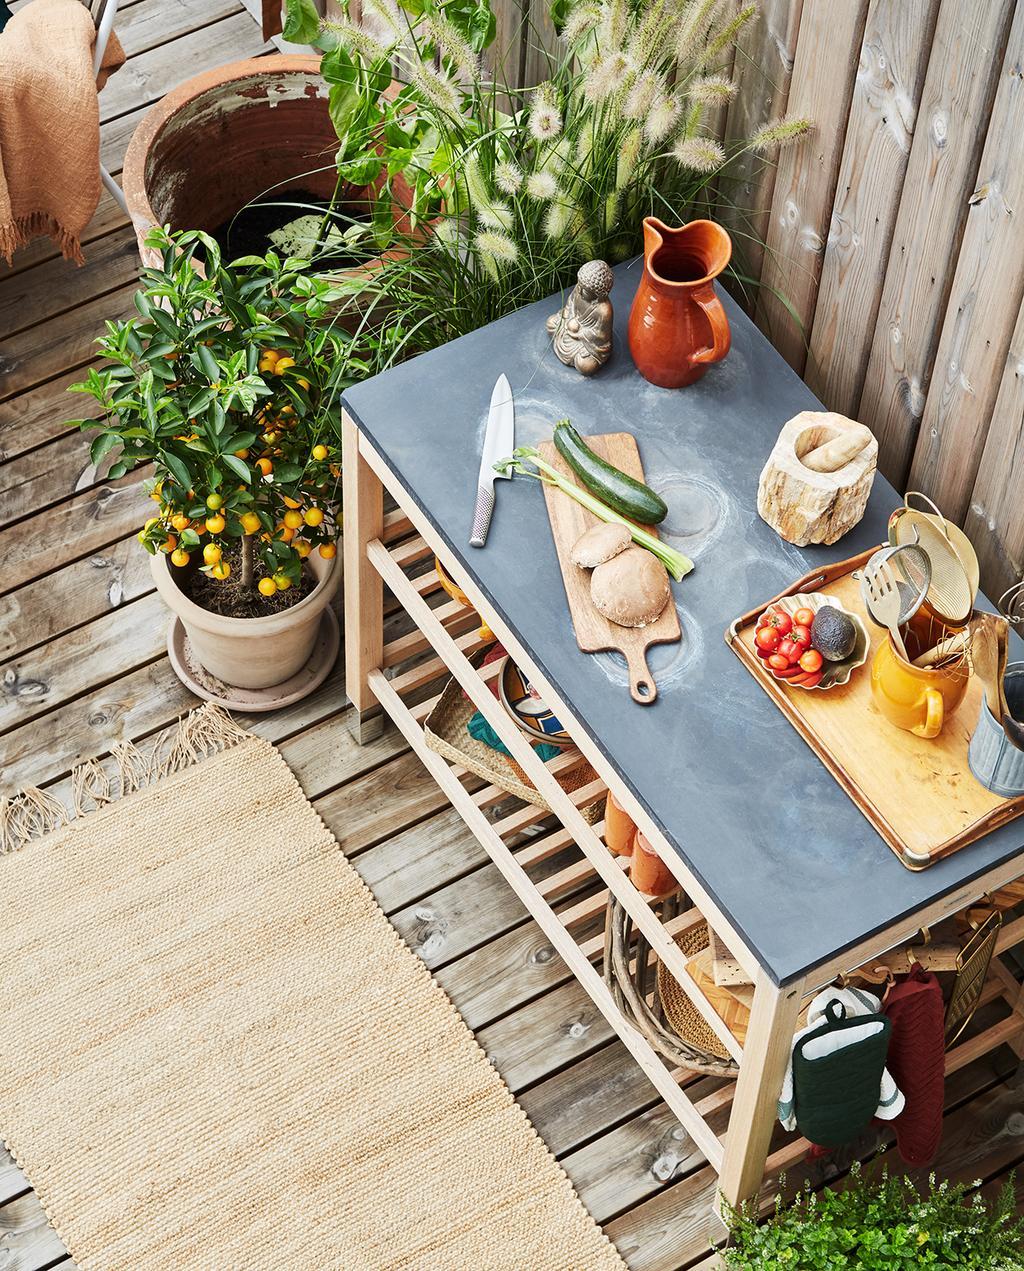 vtwonen tuin special 2 2020 | buitenkeuken gedecoreerd met buitenkleed Buitenkijken Kopenhagen